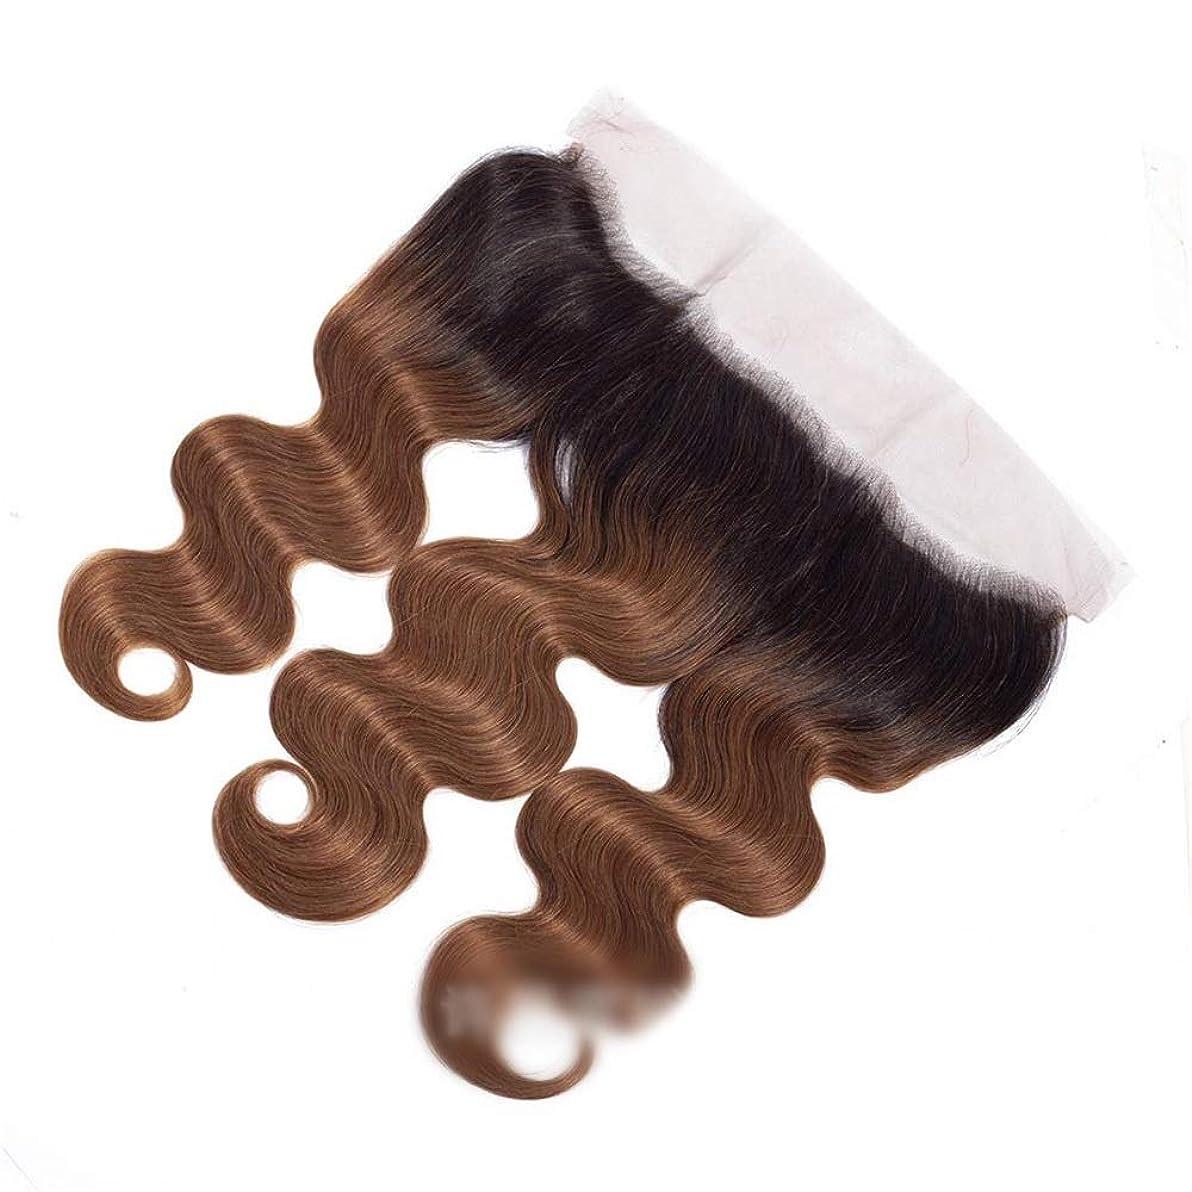 ましい粘土有害なYrattary ブラジル実体波13 * 4レース閉鎖無料部分100%未処理人間の髪織り1B / 30 2トーンカラーロングカーリーウィッグ (色 : ブラウン, サイズ : 8 inch)